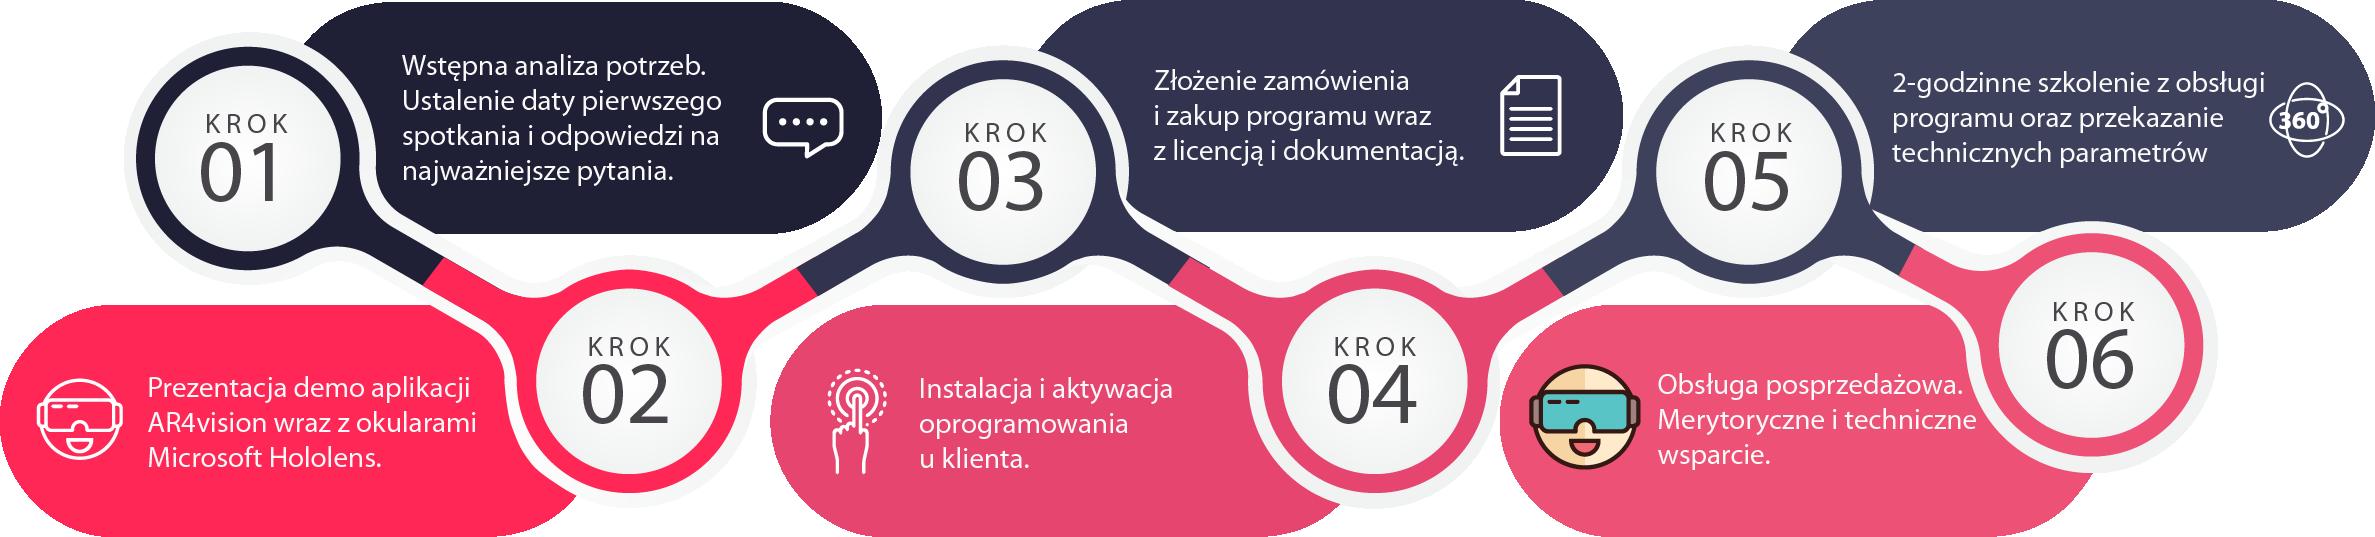 ar4vision-kroki